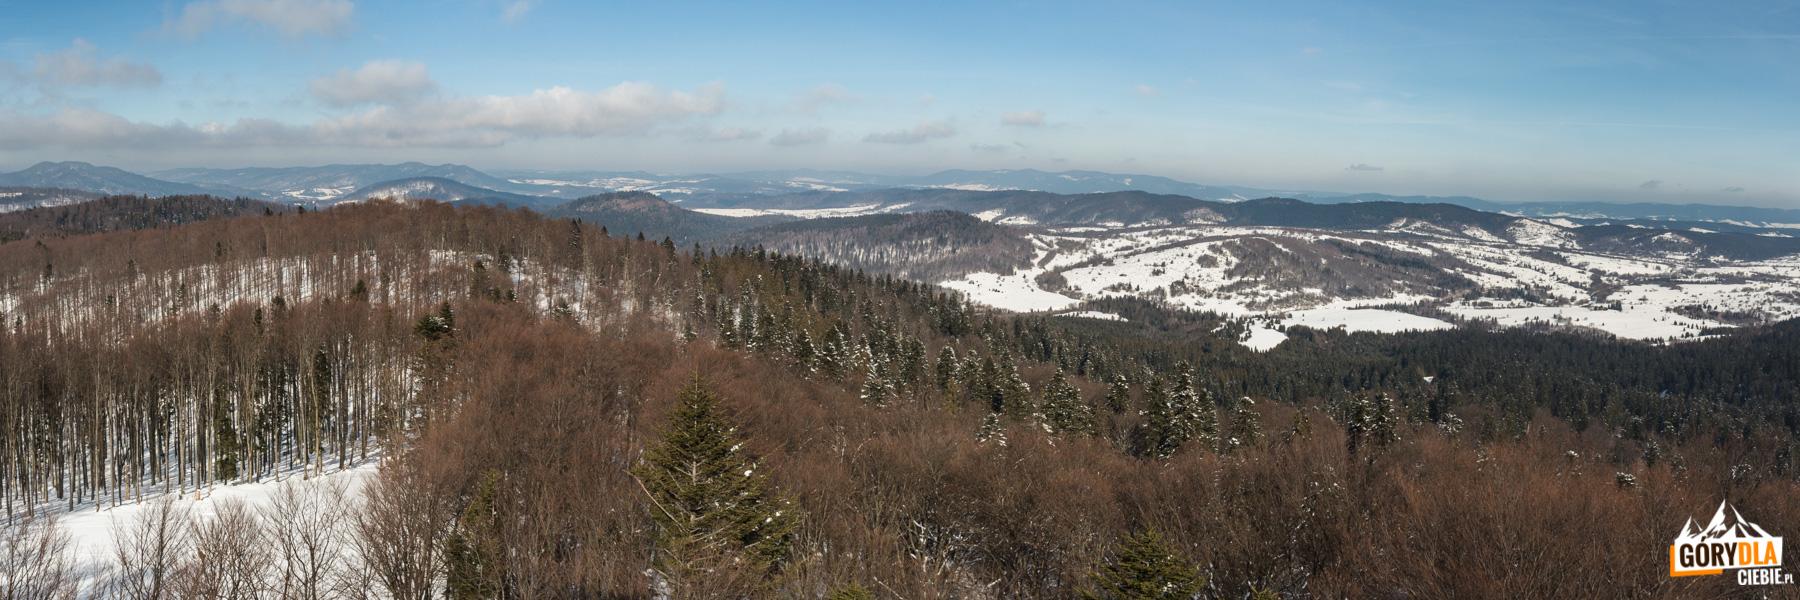 Widok z wieży na Jeleniowatym na Otryt, Czeresznię, Kiczerę Popową, Dydiowską i Łokiecką oraz pasmo Boberki i na horyzoncie Magurę Łomniańską